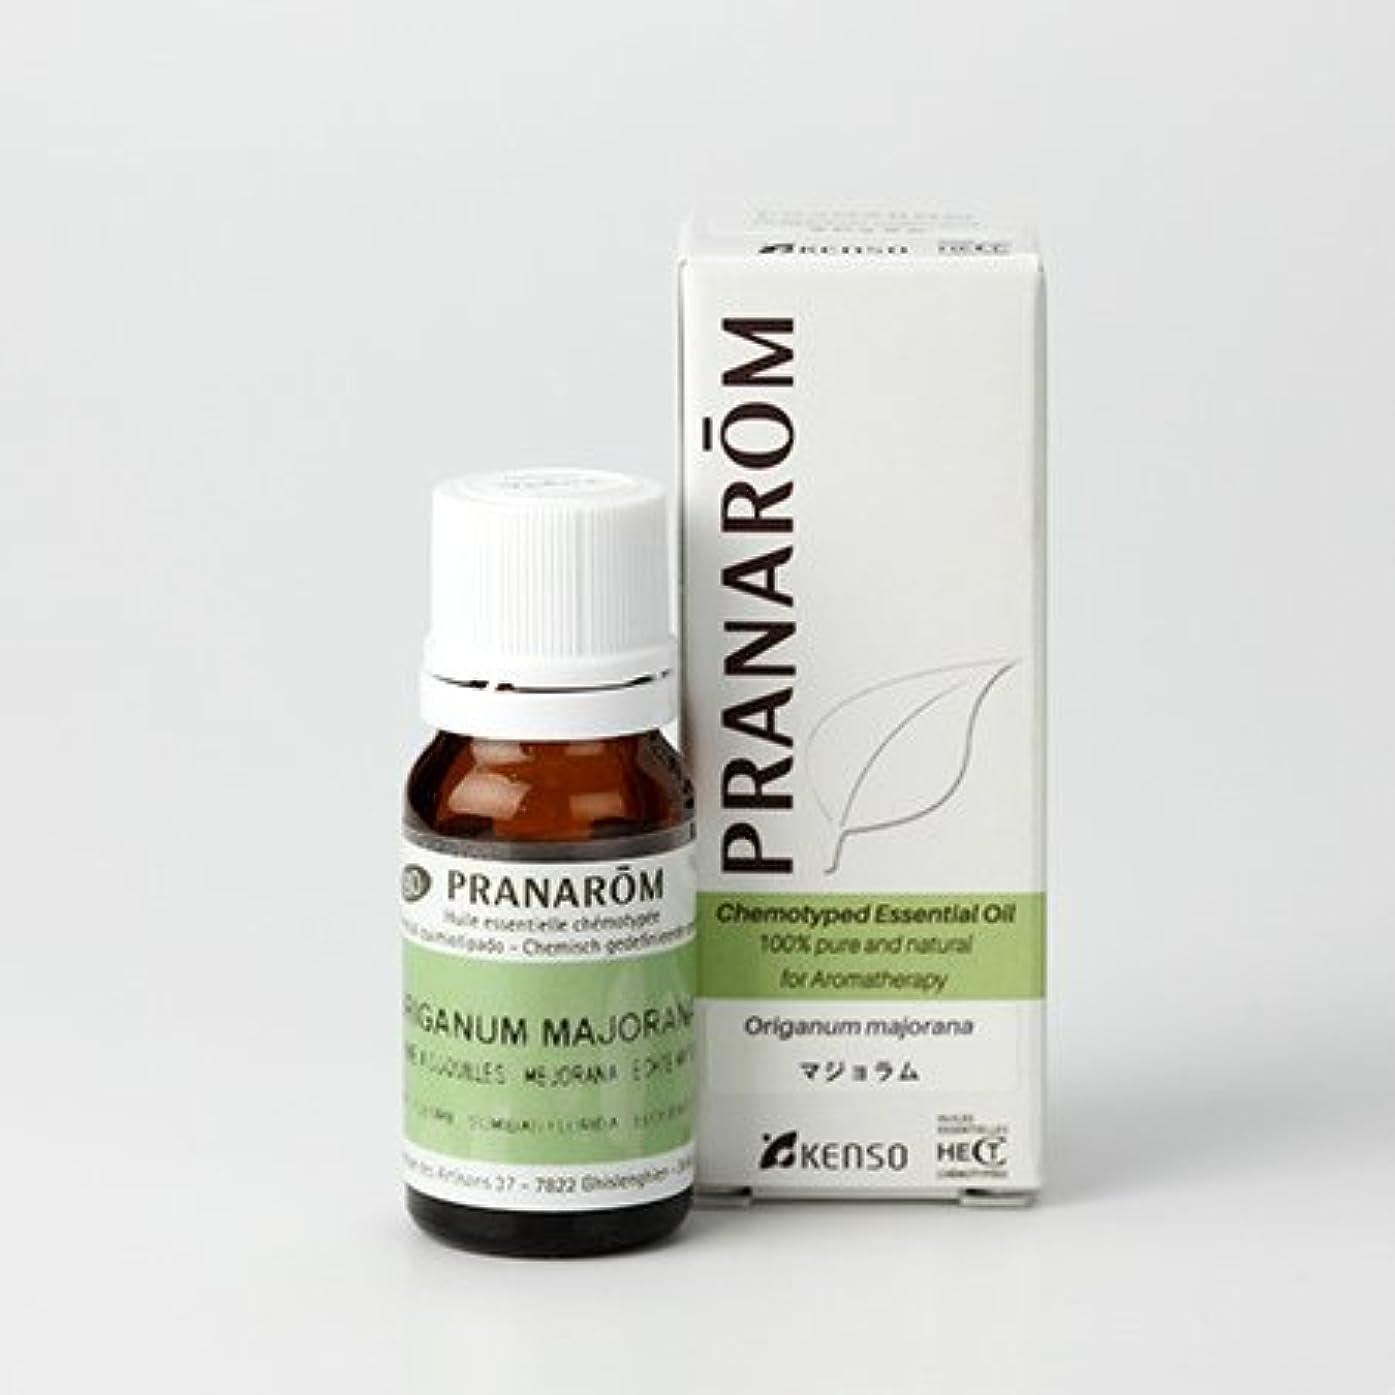 懲らしめまろやかな定期的プラナロム マジョラム 10ml (PRANAROM ケモタイプ精油)